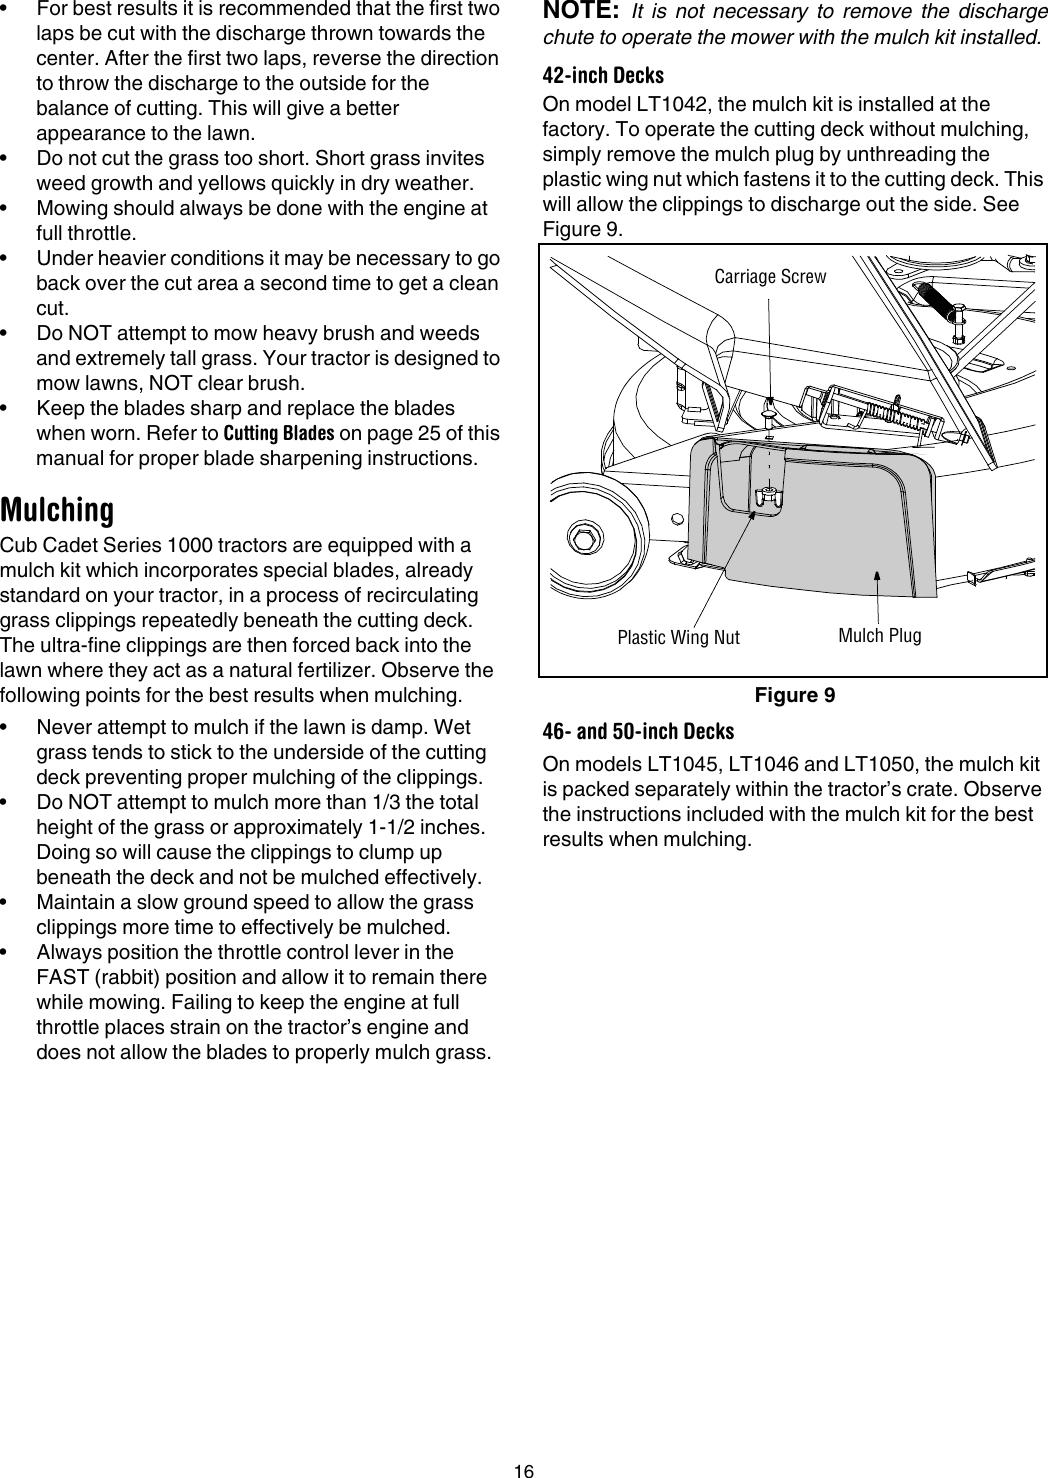 Cub Cadet Lt1045 Operators Manual 769 01514B on